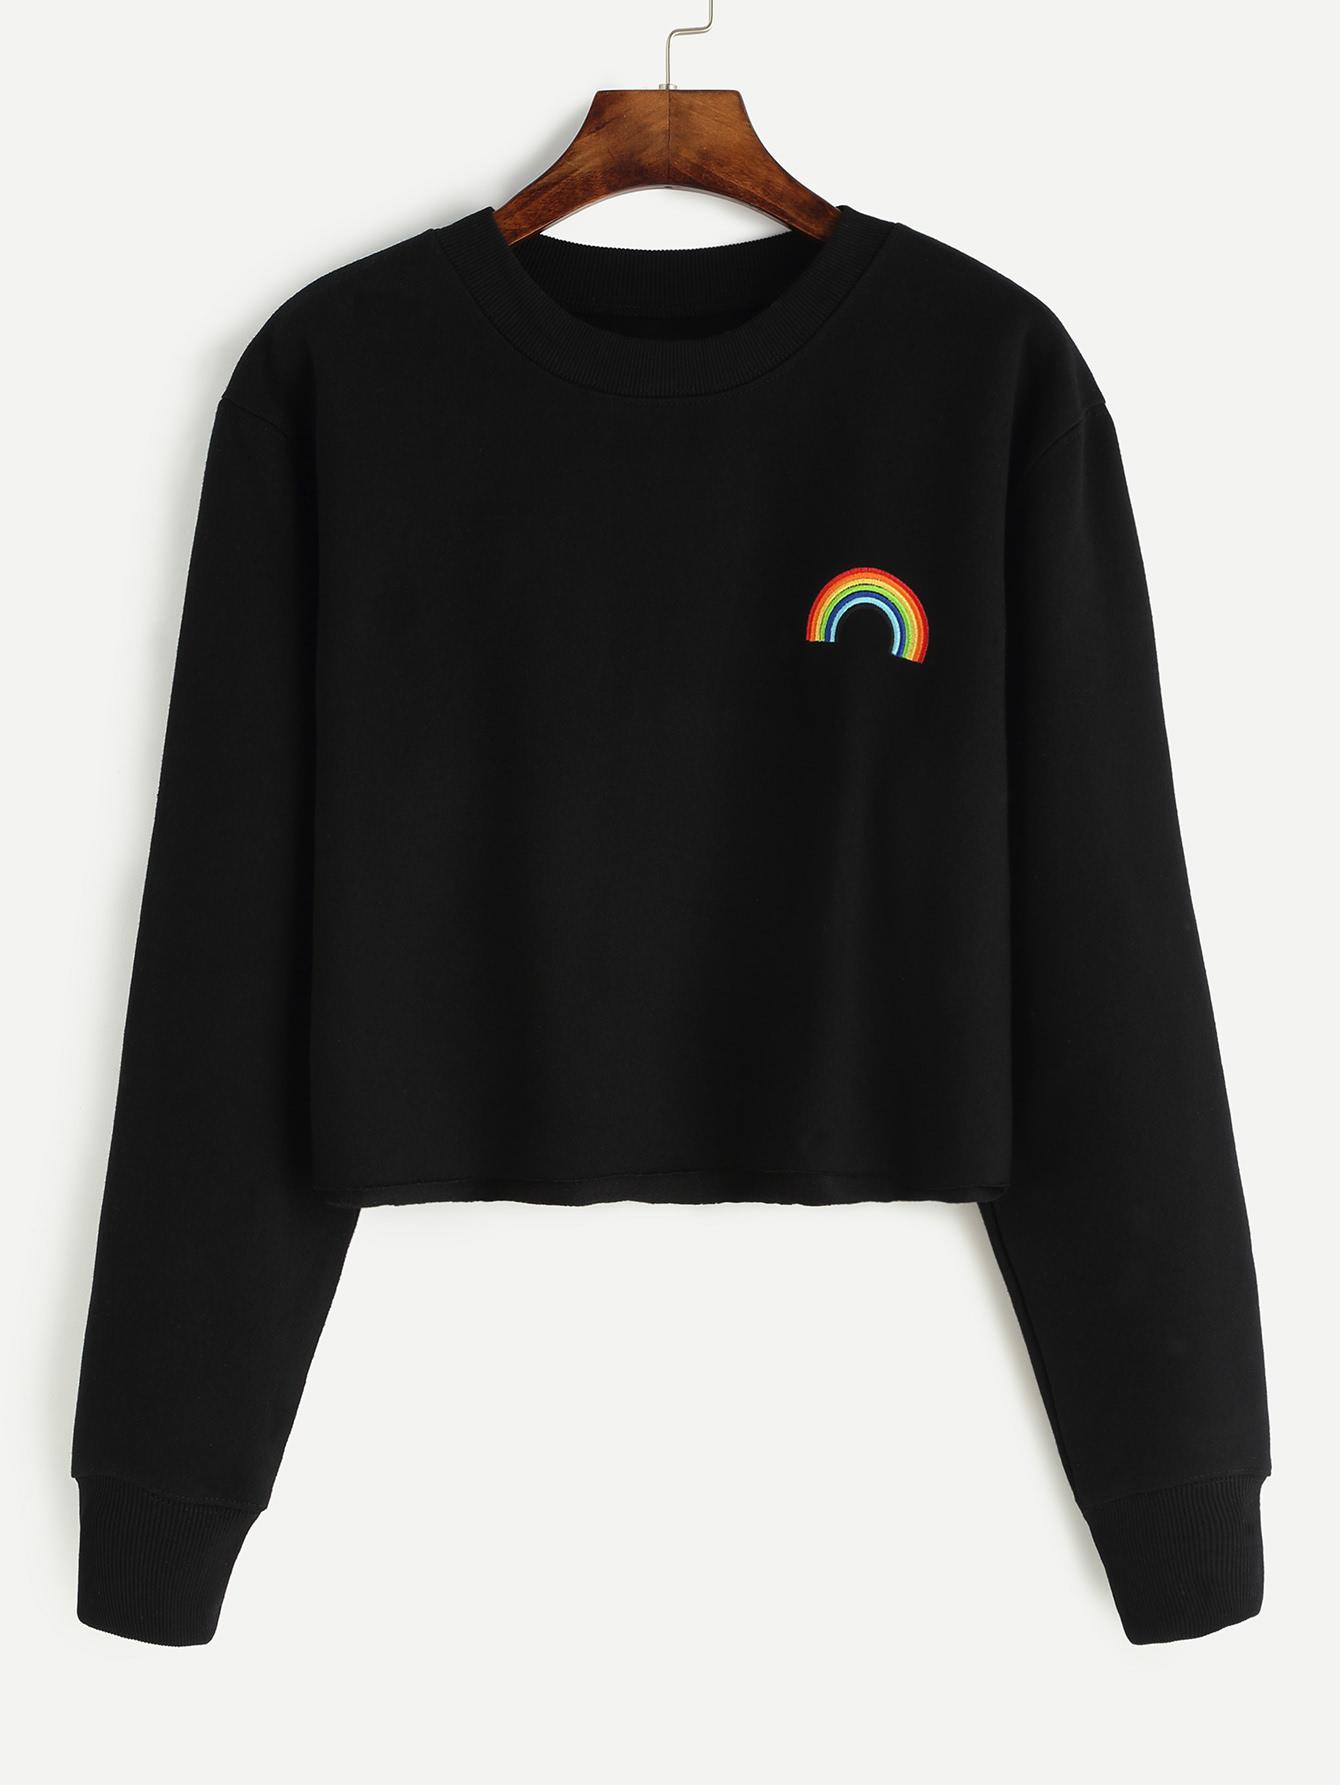 Black Rainbow Embroidered Crop Sweatshirt Shein Sheinside